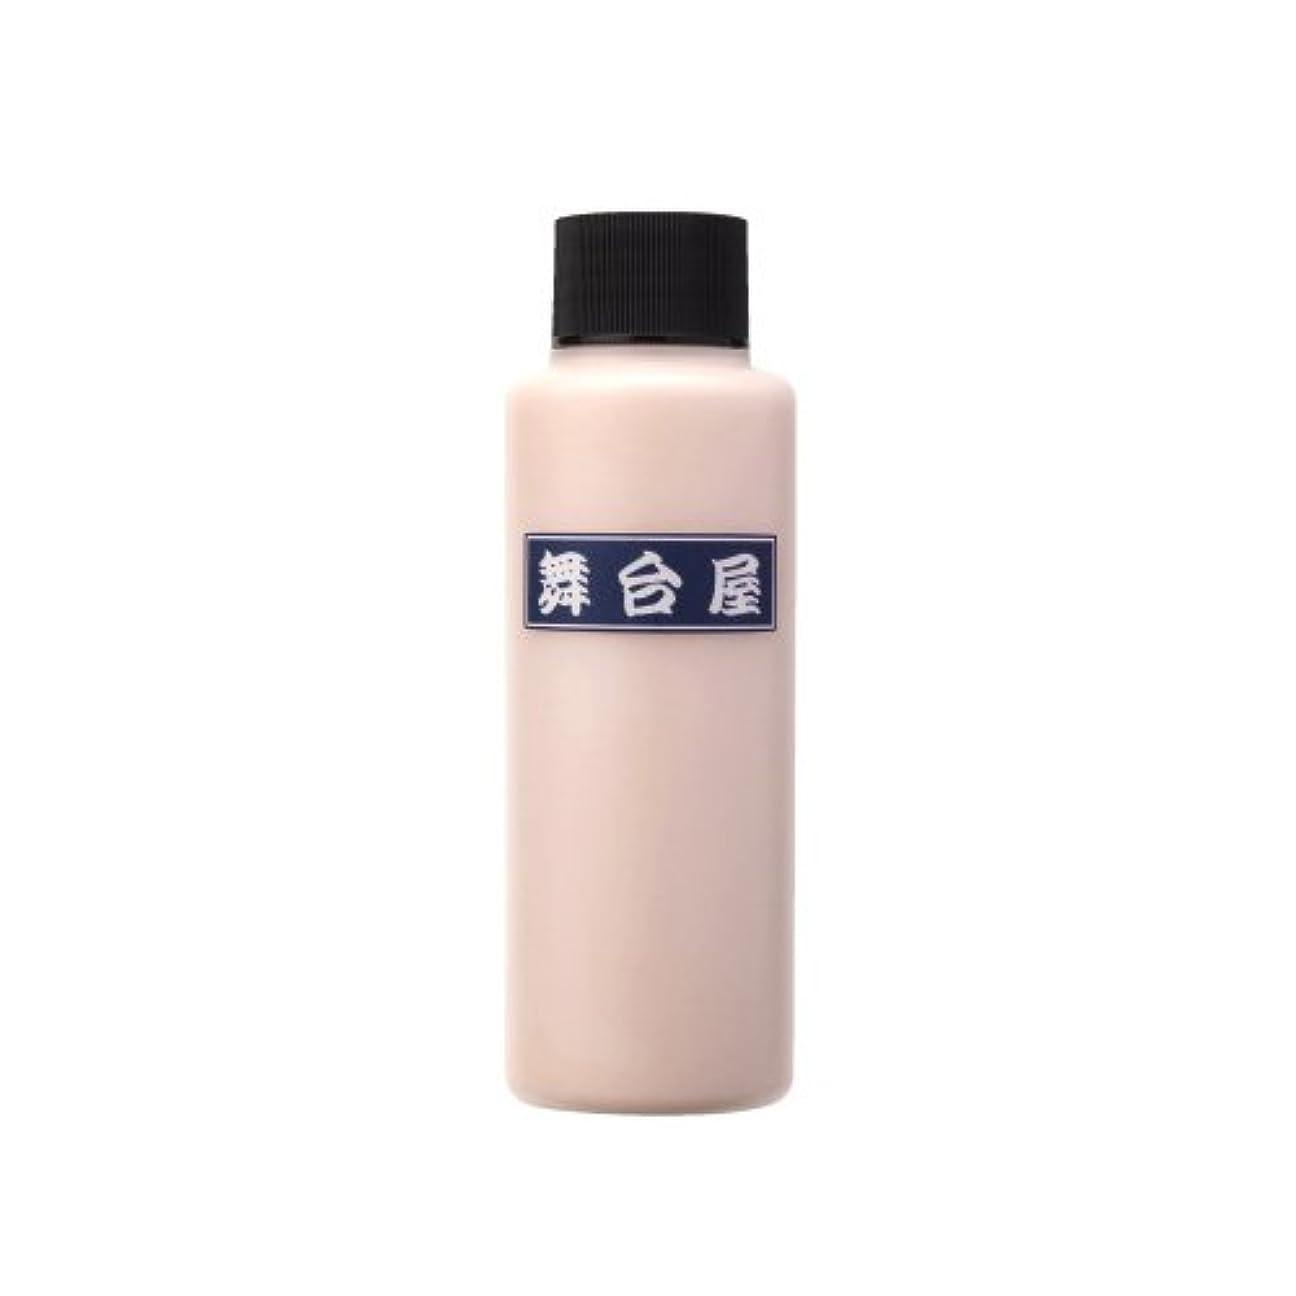 早いスケジュールオーケストラ舞台屋 水白粉 ピンク-3